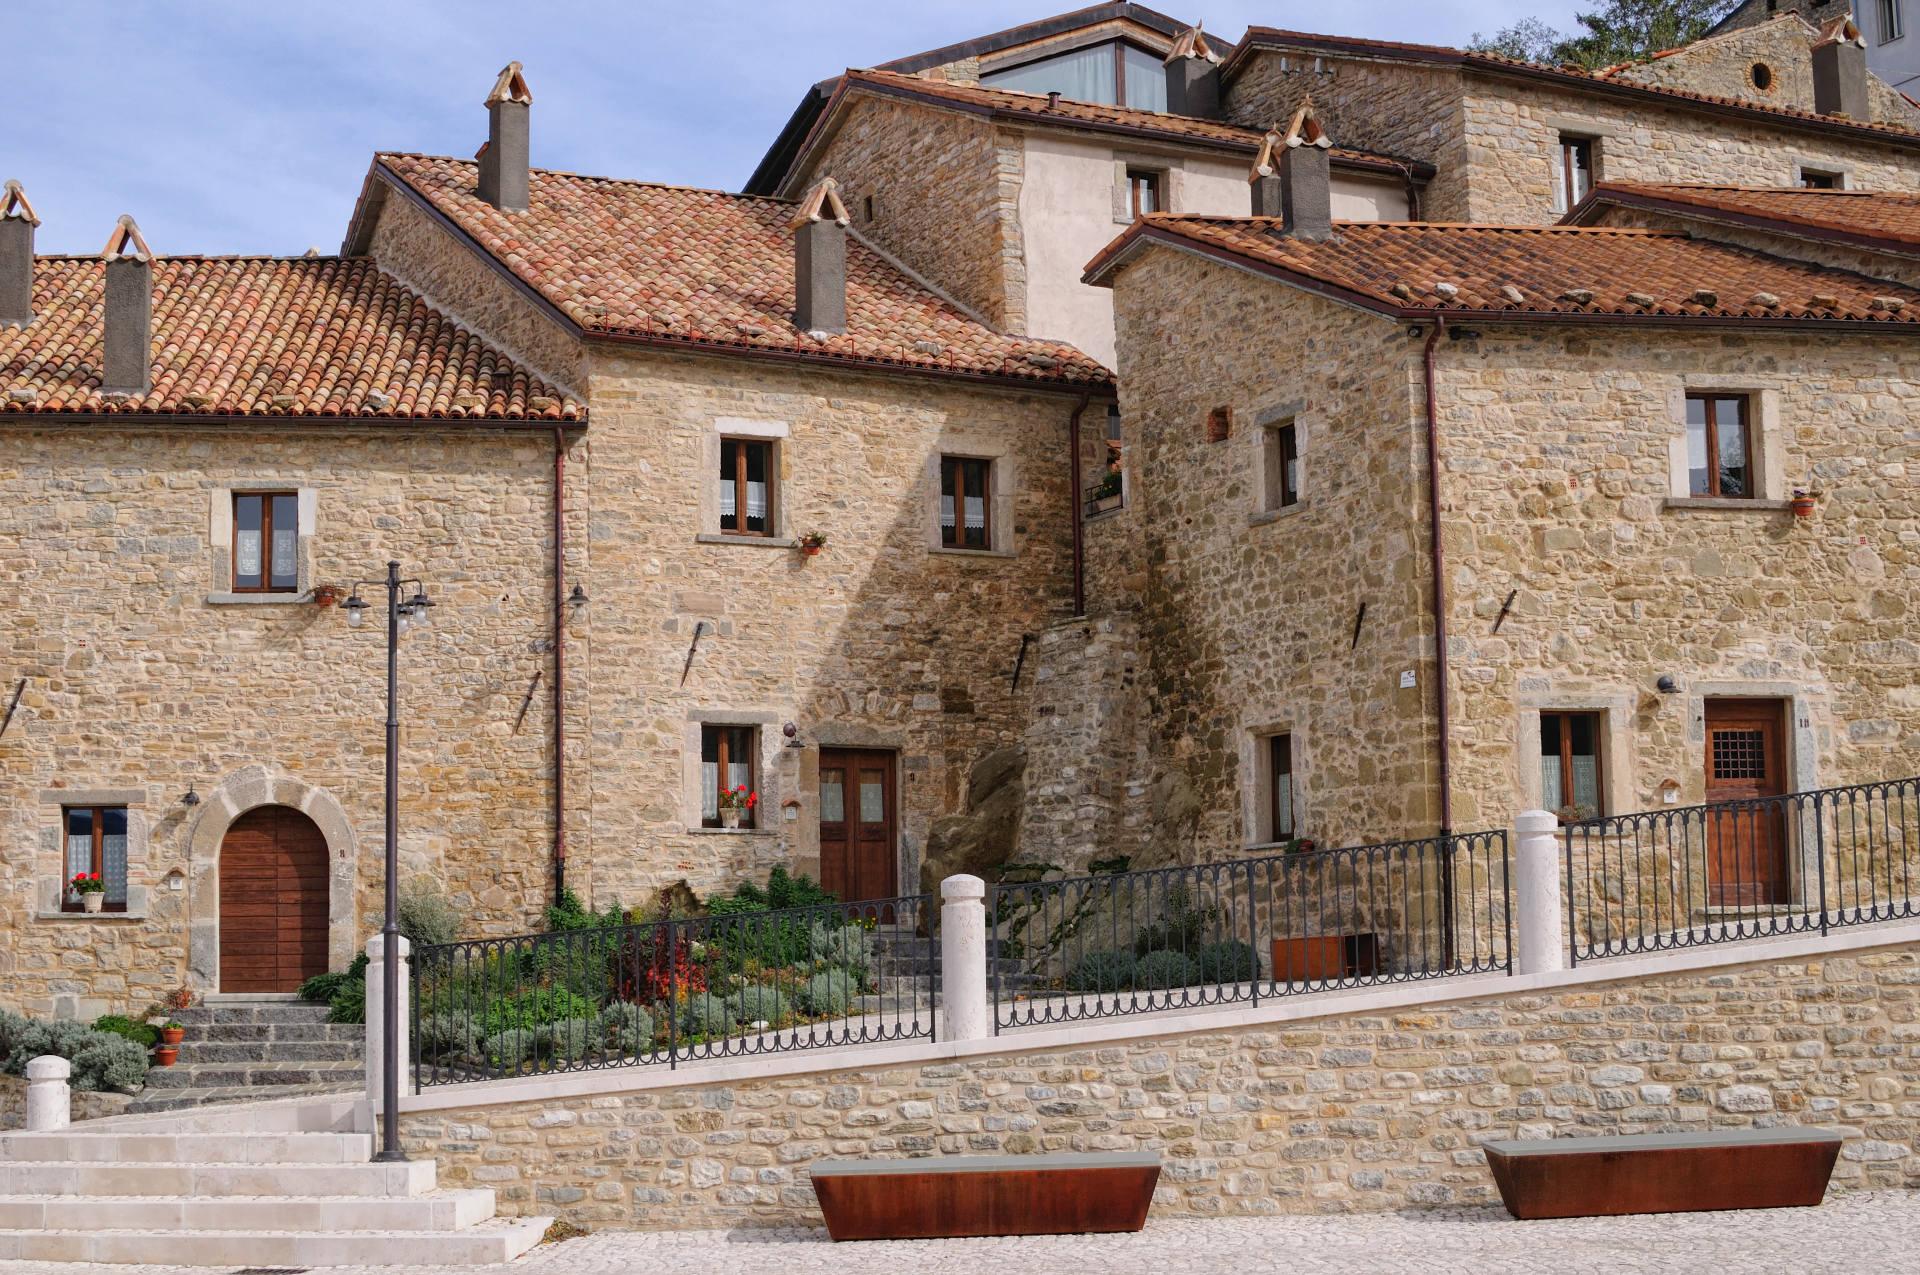 Castel del Giudice isernia molise turismo sotenibile